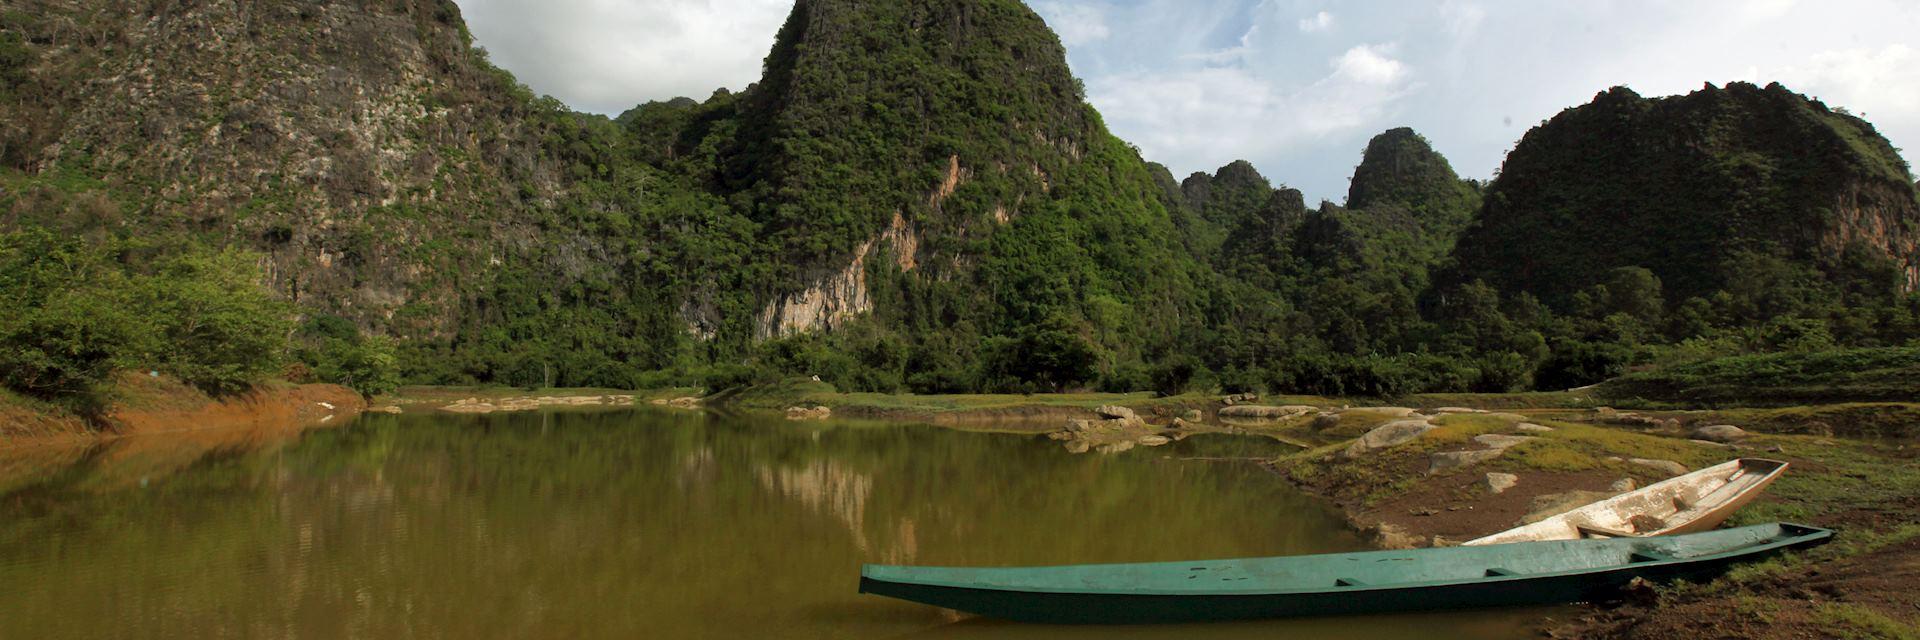 Khammuan region